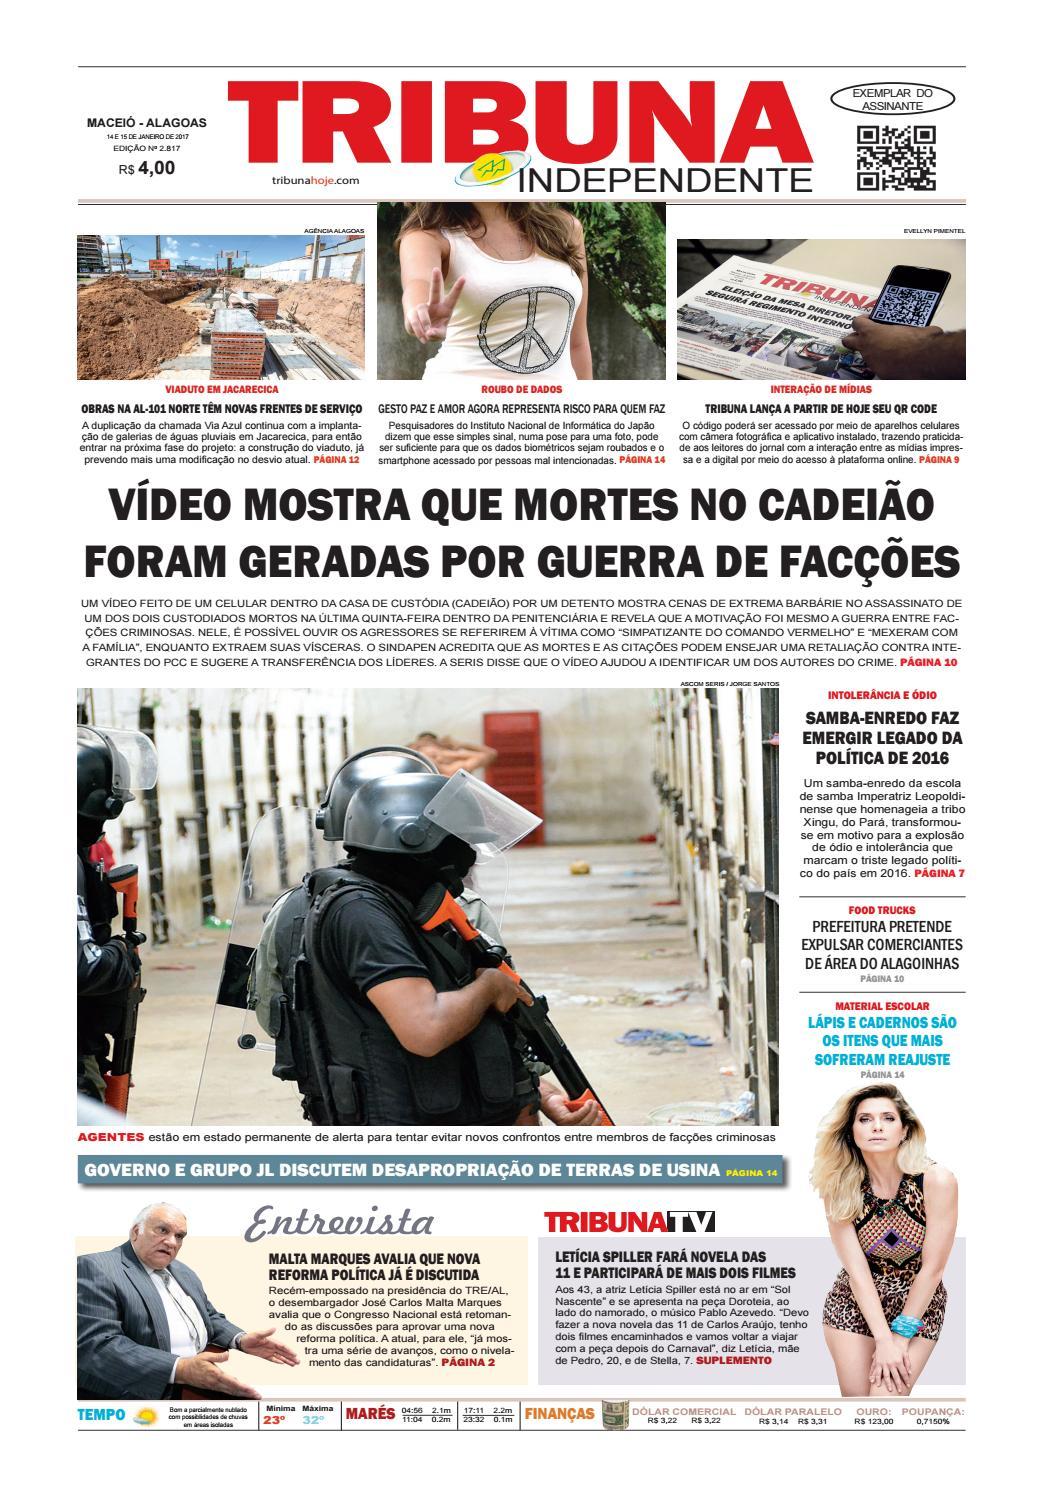 b16f8f2c8e0 Edição número 2817 - 14 e 15 de janeiro de 2017 by Tribuna Hoje - issuu